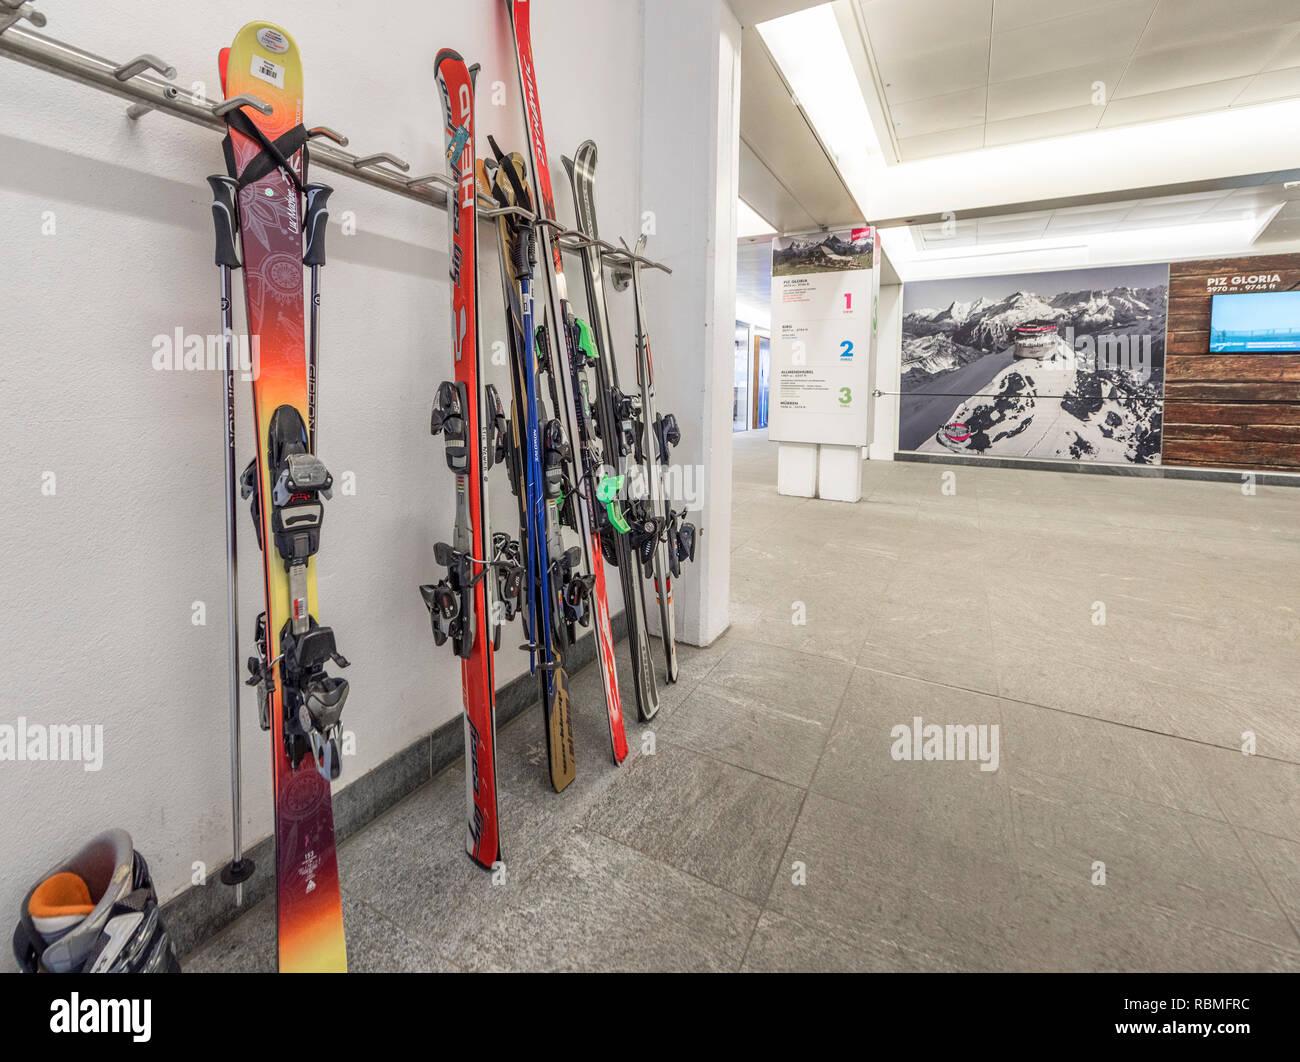 Ski station in Murren village, Switzerland - Stock Image